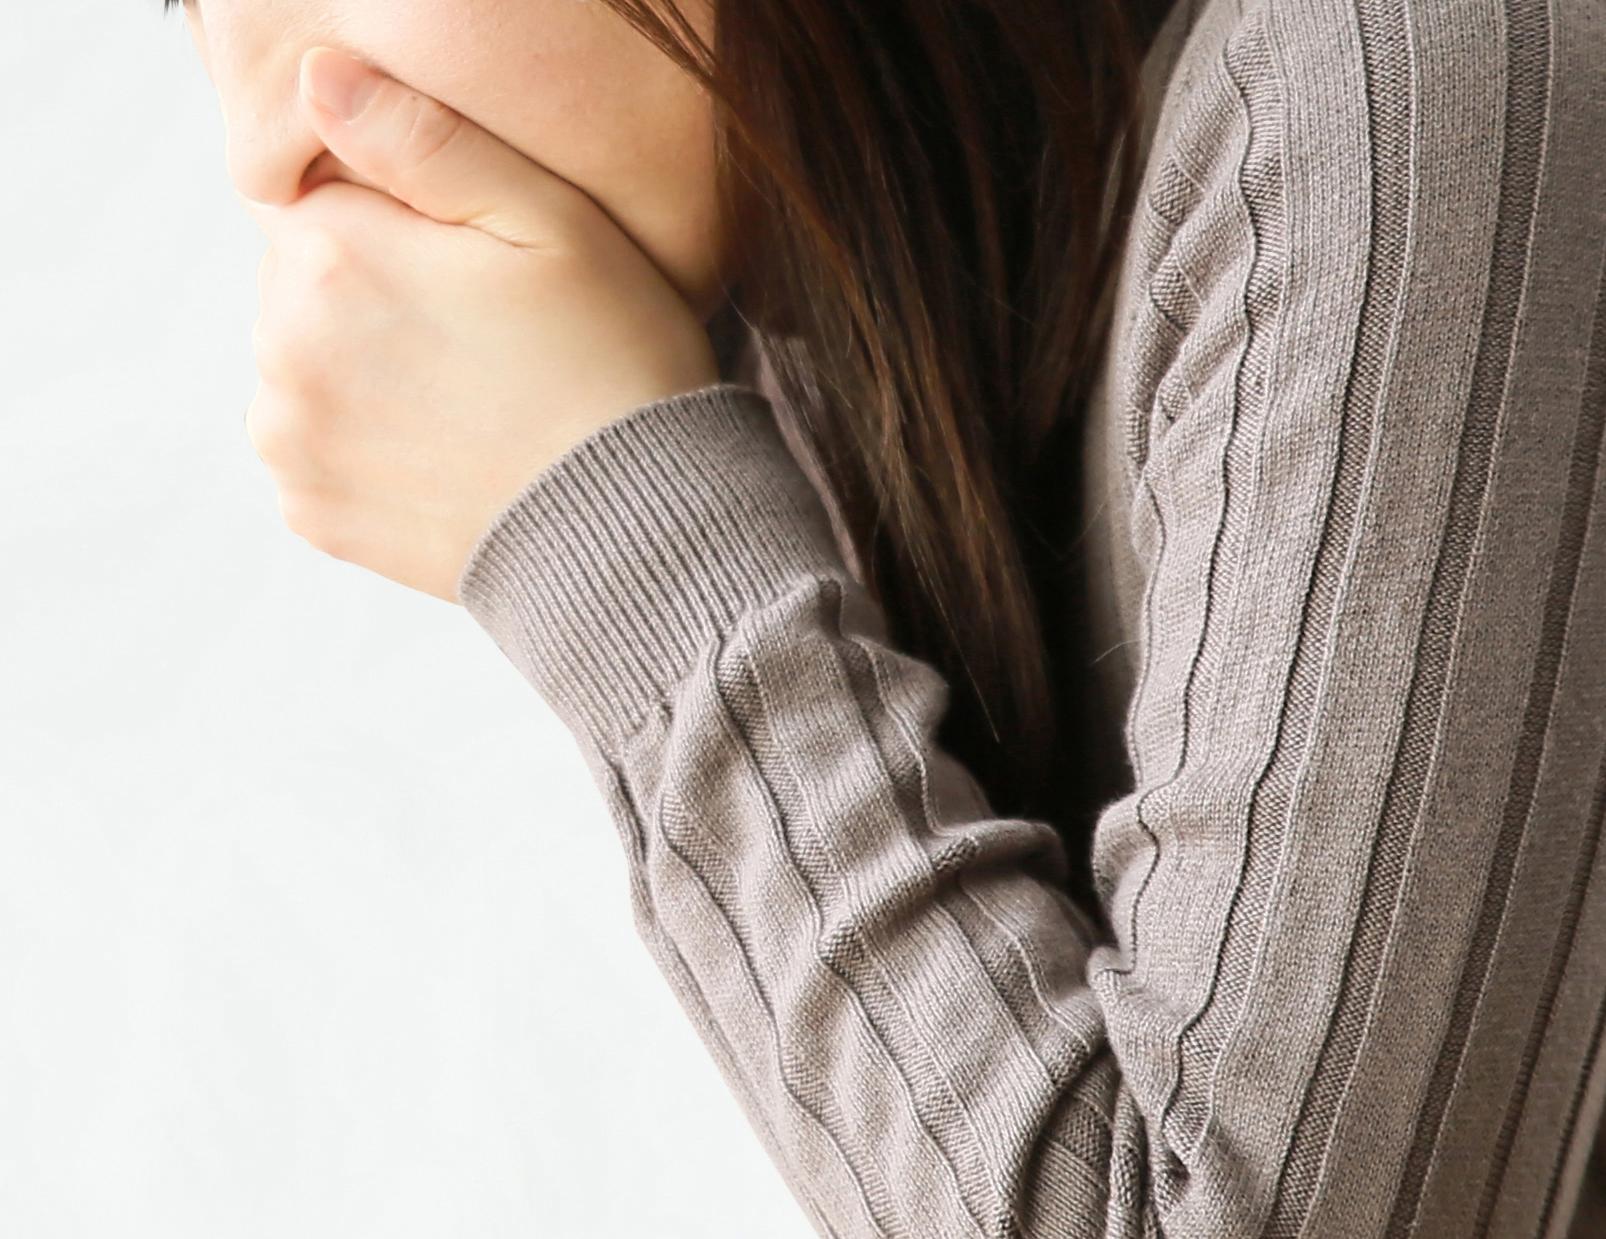 生理前の扁桃腺の腫れ・痛みについて